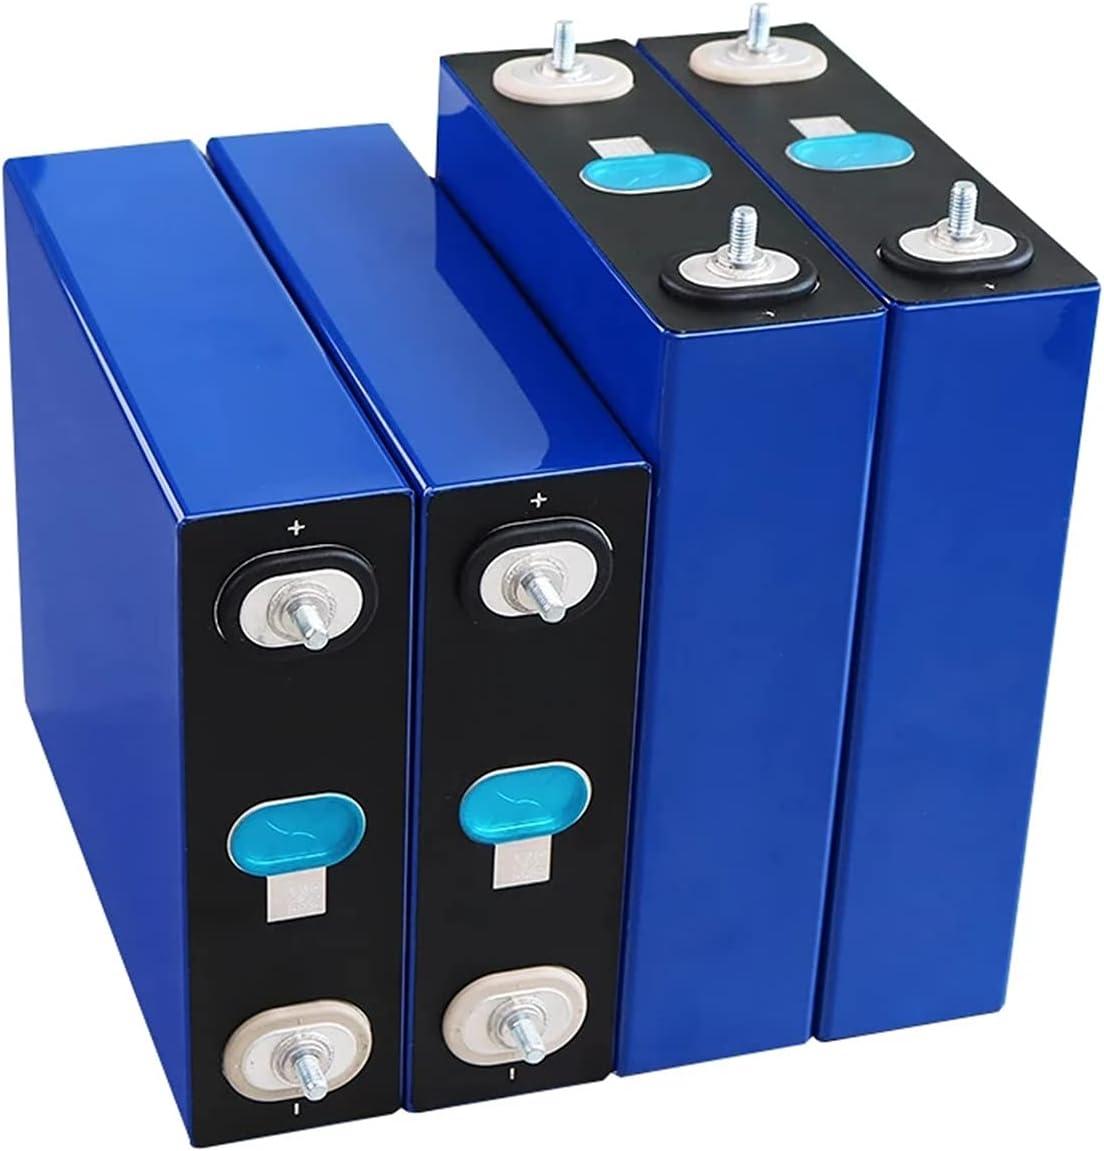 OANCO Paquete De Batería LiFePO4 De 4Uds 3,2V 230Ah,Baterías De Inversor Solar De Coche Eléctrico De Motocicleta De Fosfa De Hierro De Litio De 12V 230A